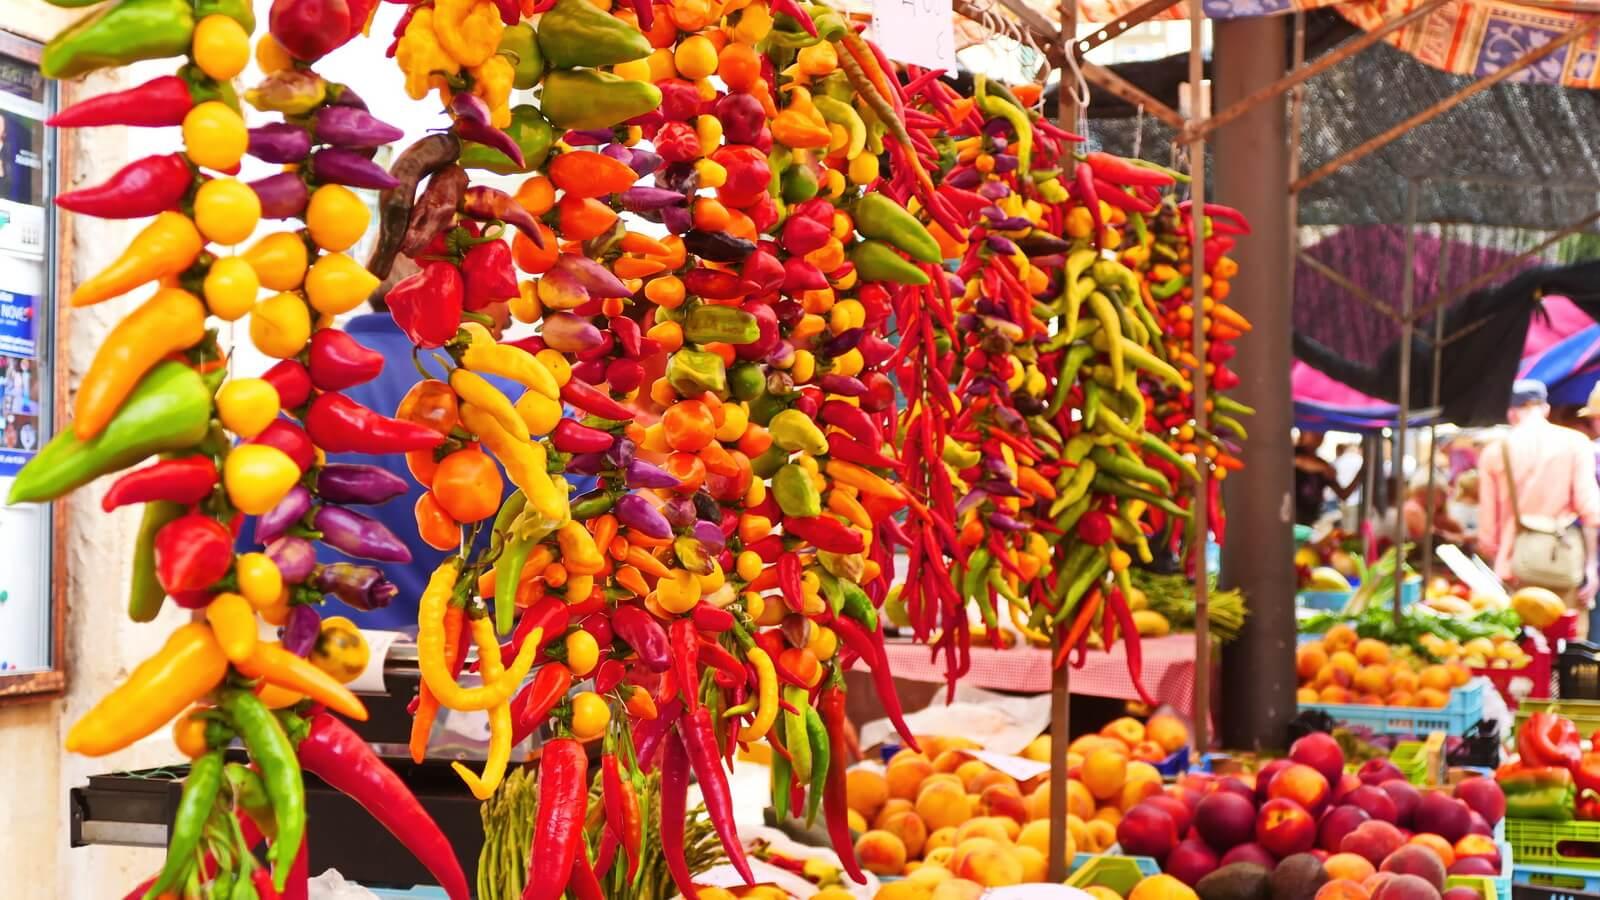 Peperoni, Mallorca, santaniy,foto-challenge